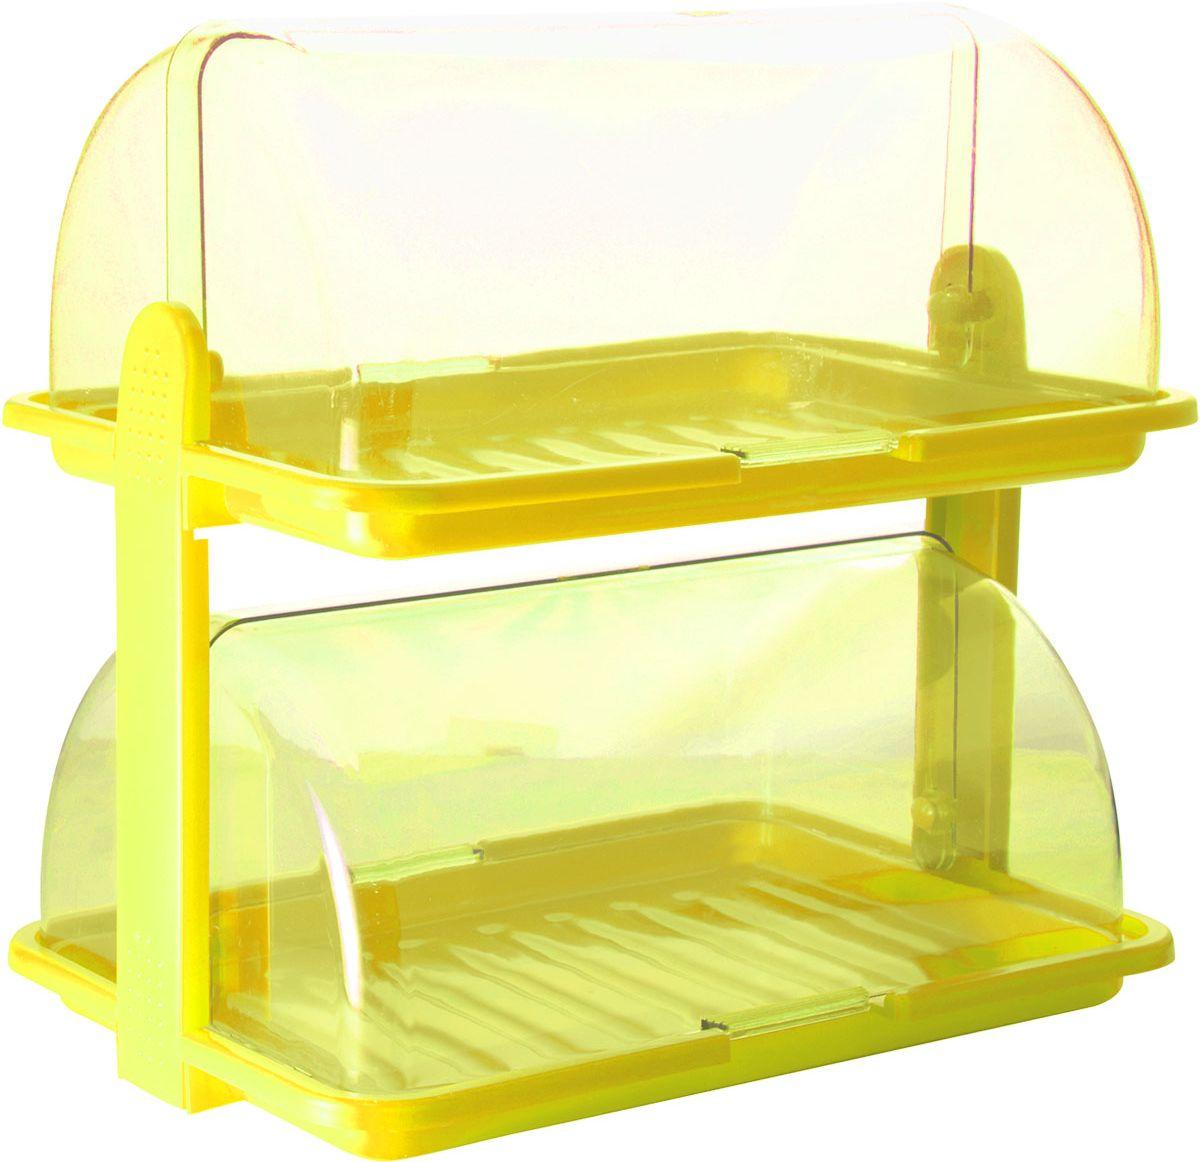 Хлебница Plastic Centre, 2-ярусная, цвет: желтый, прозрачный, 38,5 х 26 х 37 смПЦ1671ЛМНУникальная двухъярусная хлебница Plastic Centre для любителей выпечки и свежего хлеба. Хлебница выполнена из полипропилена. Она сохранит хлеб свежим длительное время. Благодаря двум раздельным секциям можно хранить сладкую выпечку и хлеб в разных отделениях.